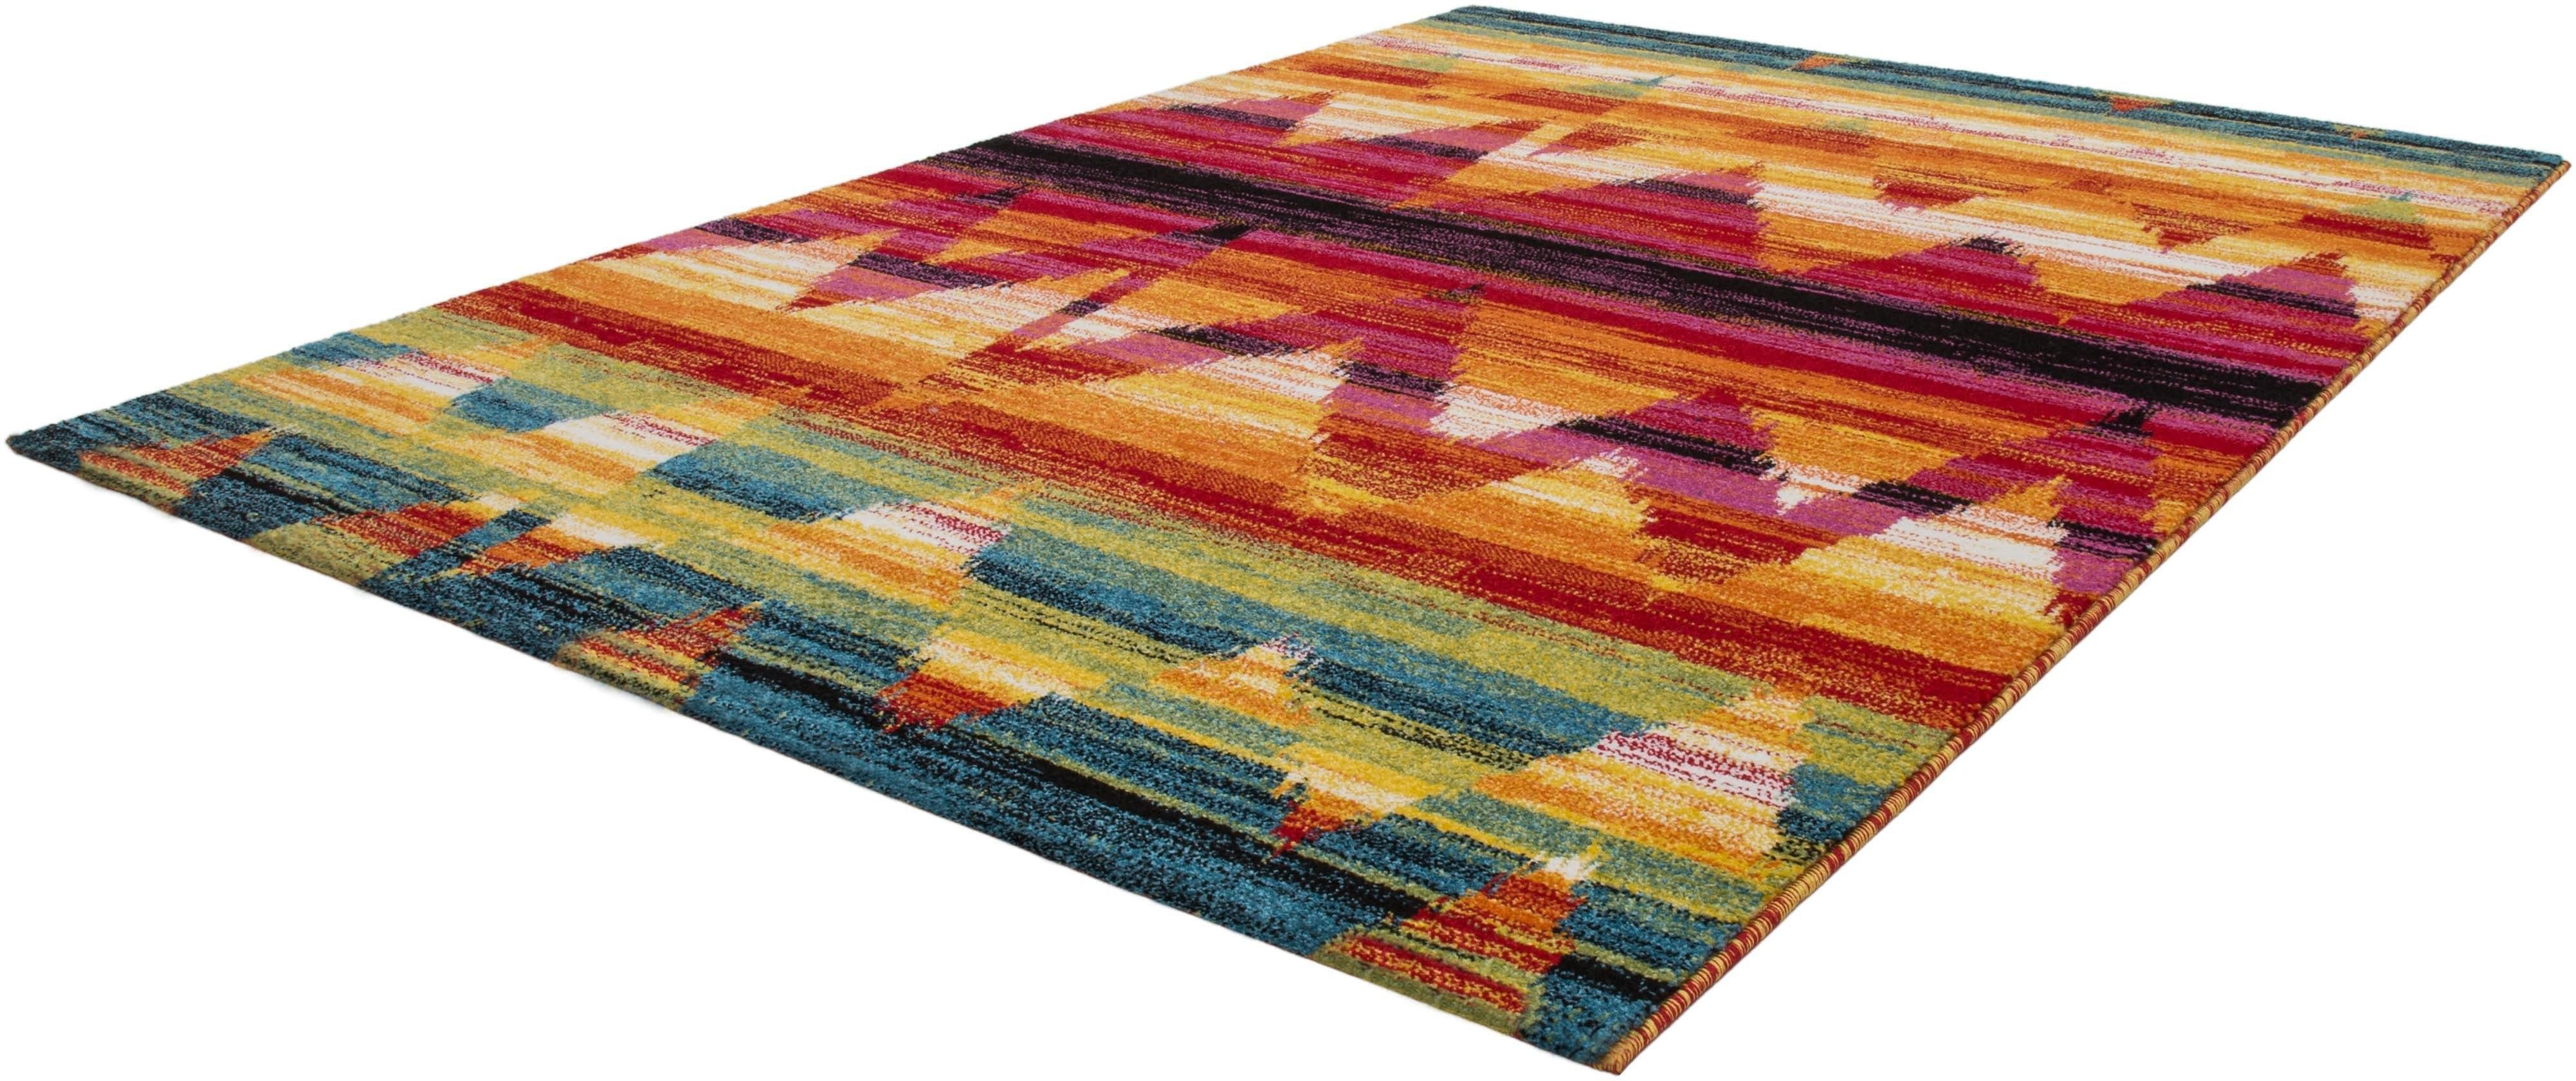 Teppich Guayama 245 Kayoom rechteckig Höhe 17 mm